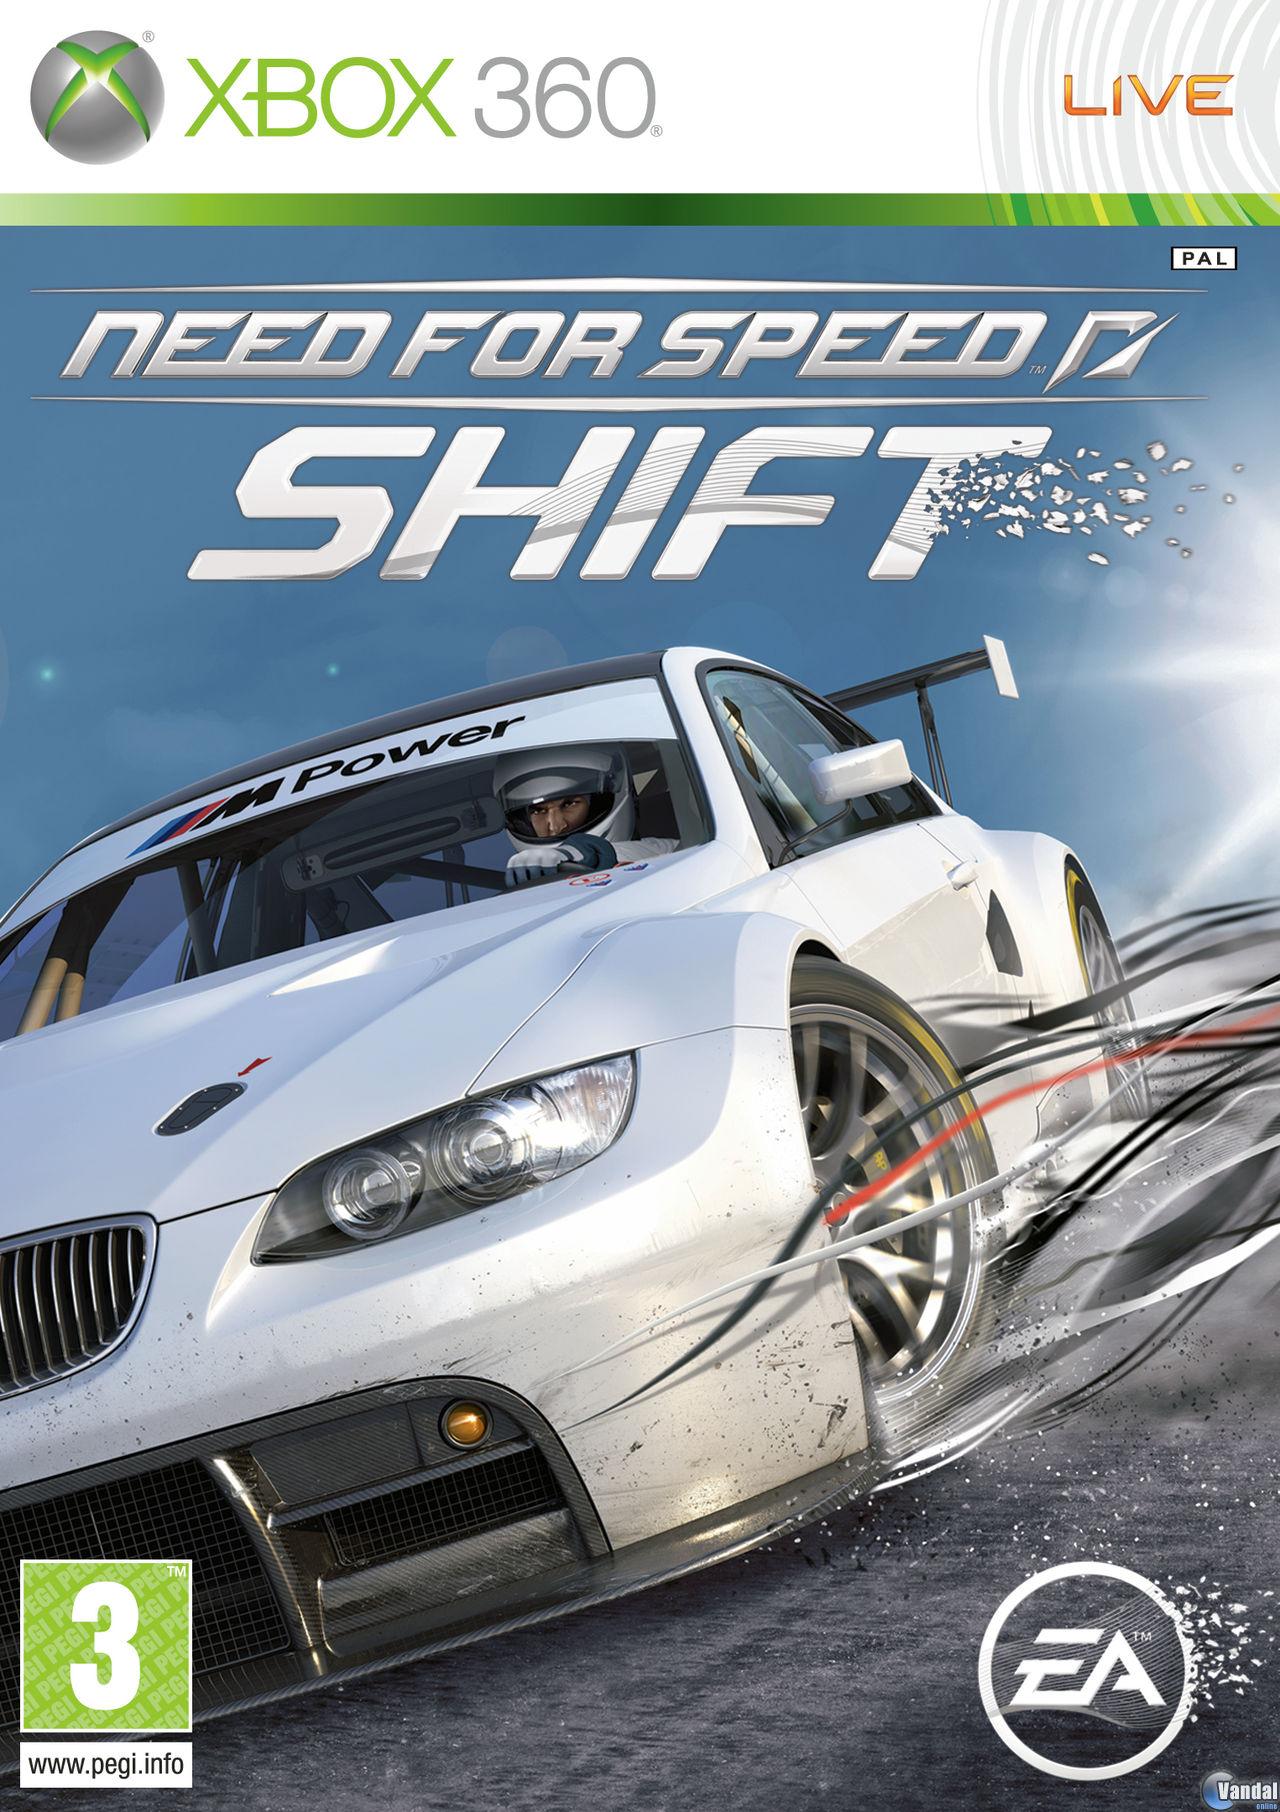 el juego de speed dating 2 en espanol Juegos de speed dating 2 en español cómo jugar speed dating utiliza las teclas de 2 jeudos de que se acabe el tiempo.